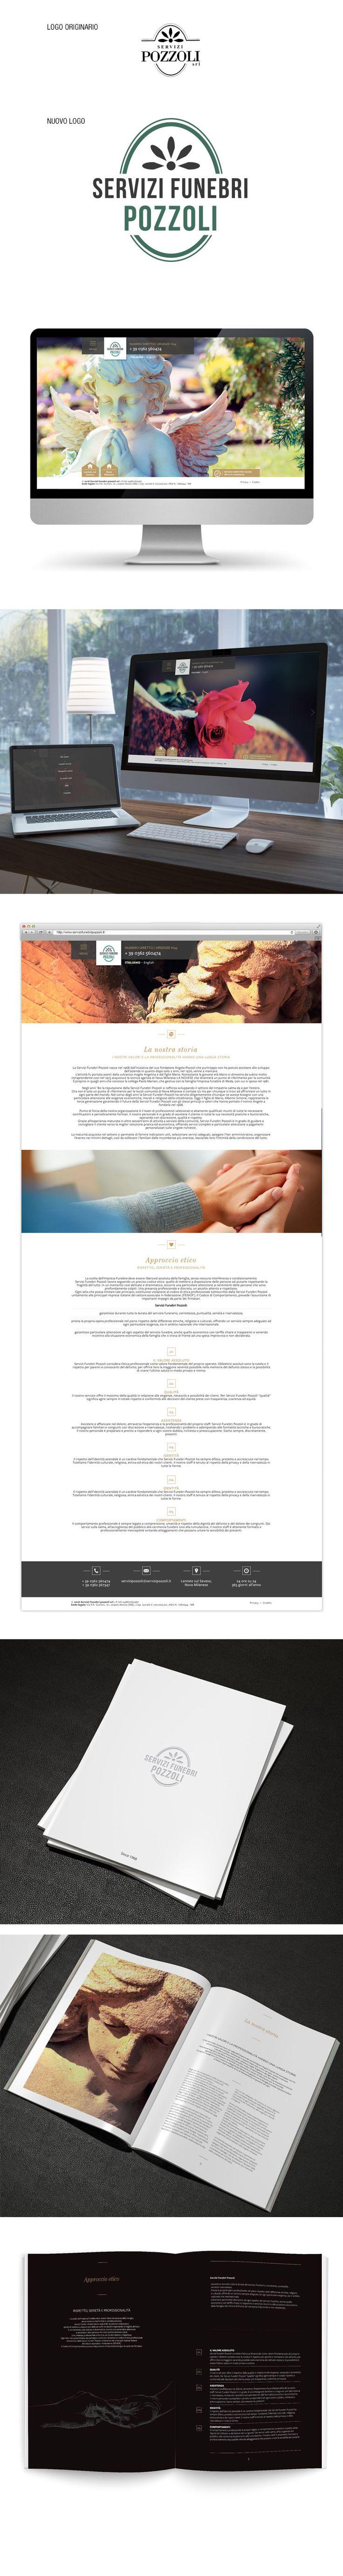 Il portale che b_centric ha sviluppato per Servizi Funebri Pozzoli è concepito con tecnologia responsi e porta nella sua genesi tre importanti fasi di sviluppo: un progetto grafico pulito; una ricerca e selezione accurata per le immagini e una stesura edioriale dei testi molto tecnica, completa ed esaustiva. Accanto al portale, il redesign del marchio e il progetto di una brochure per il target B2B hanno completato il progetto di comunicazione.